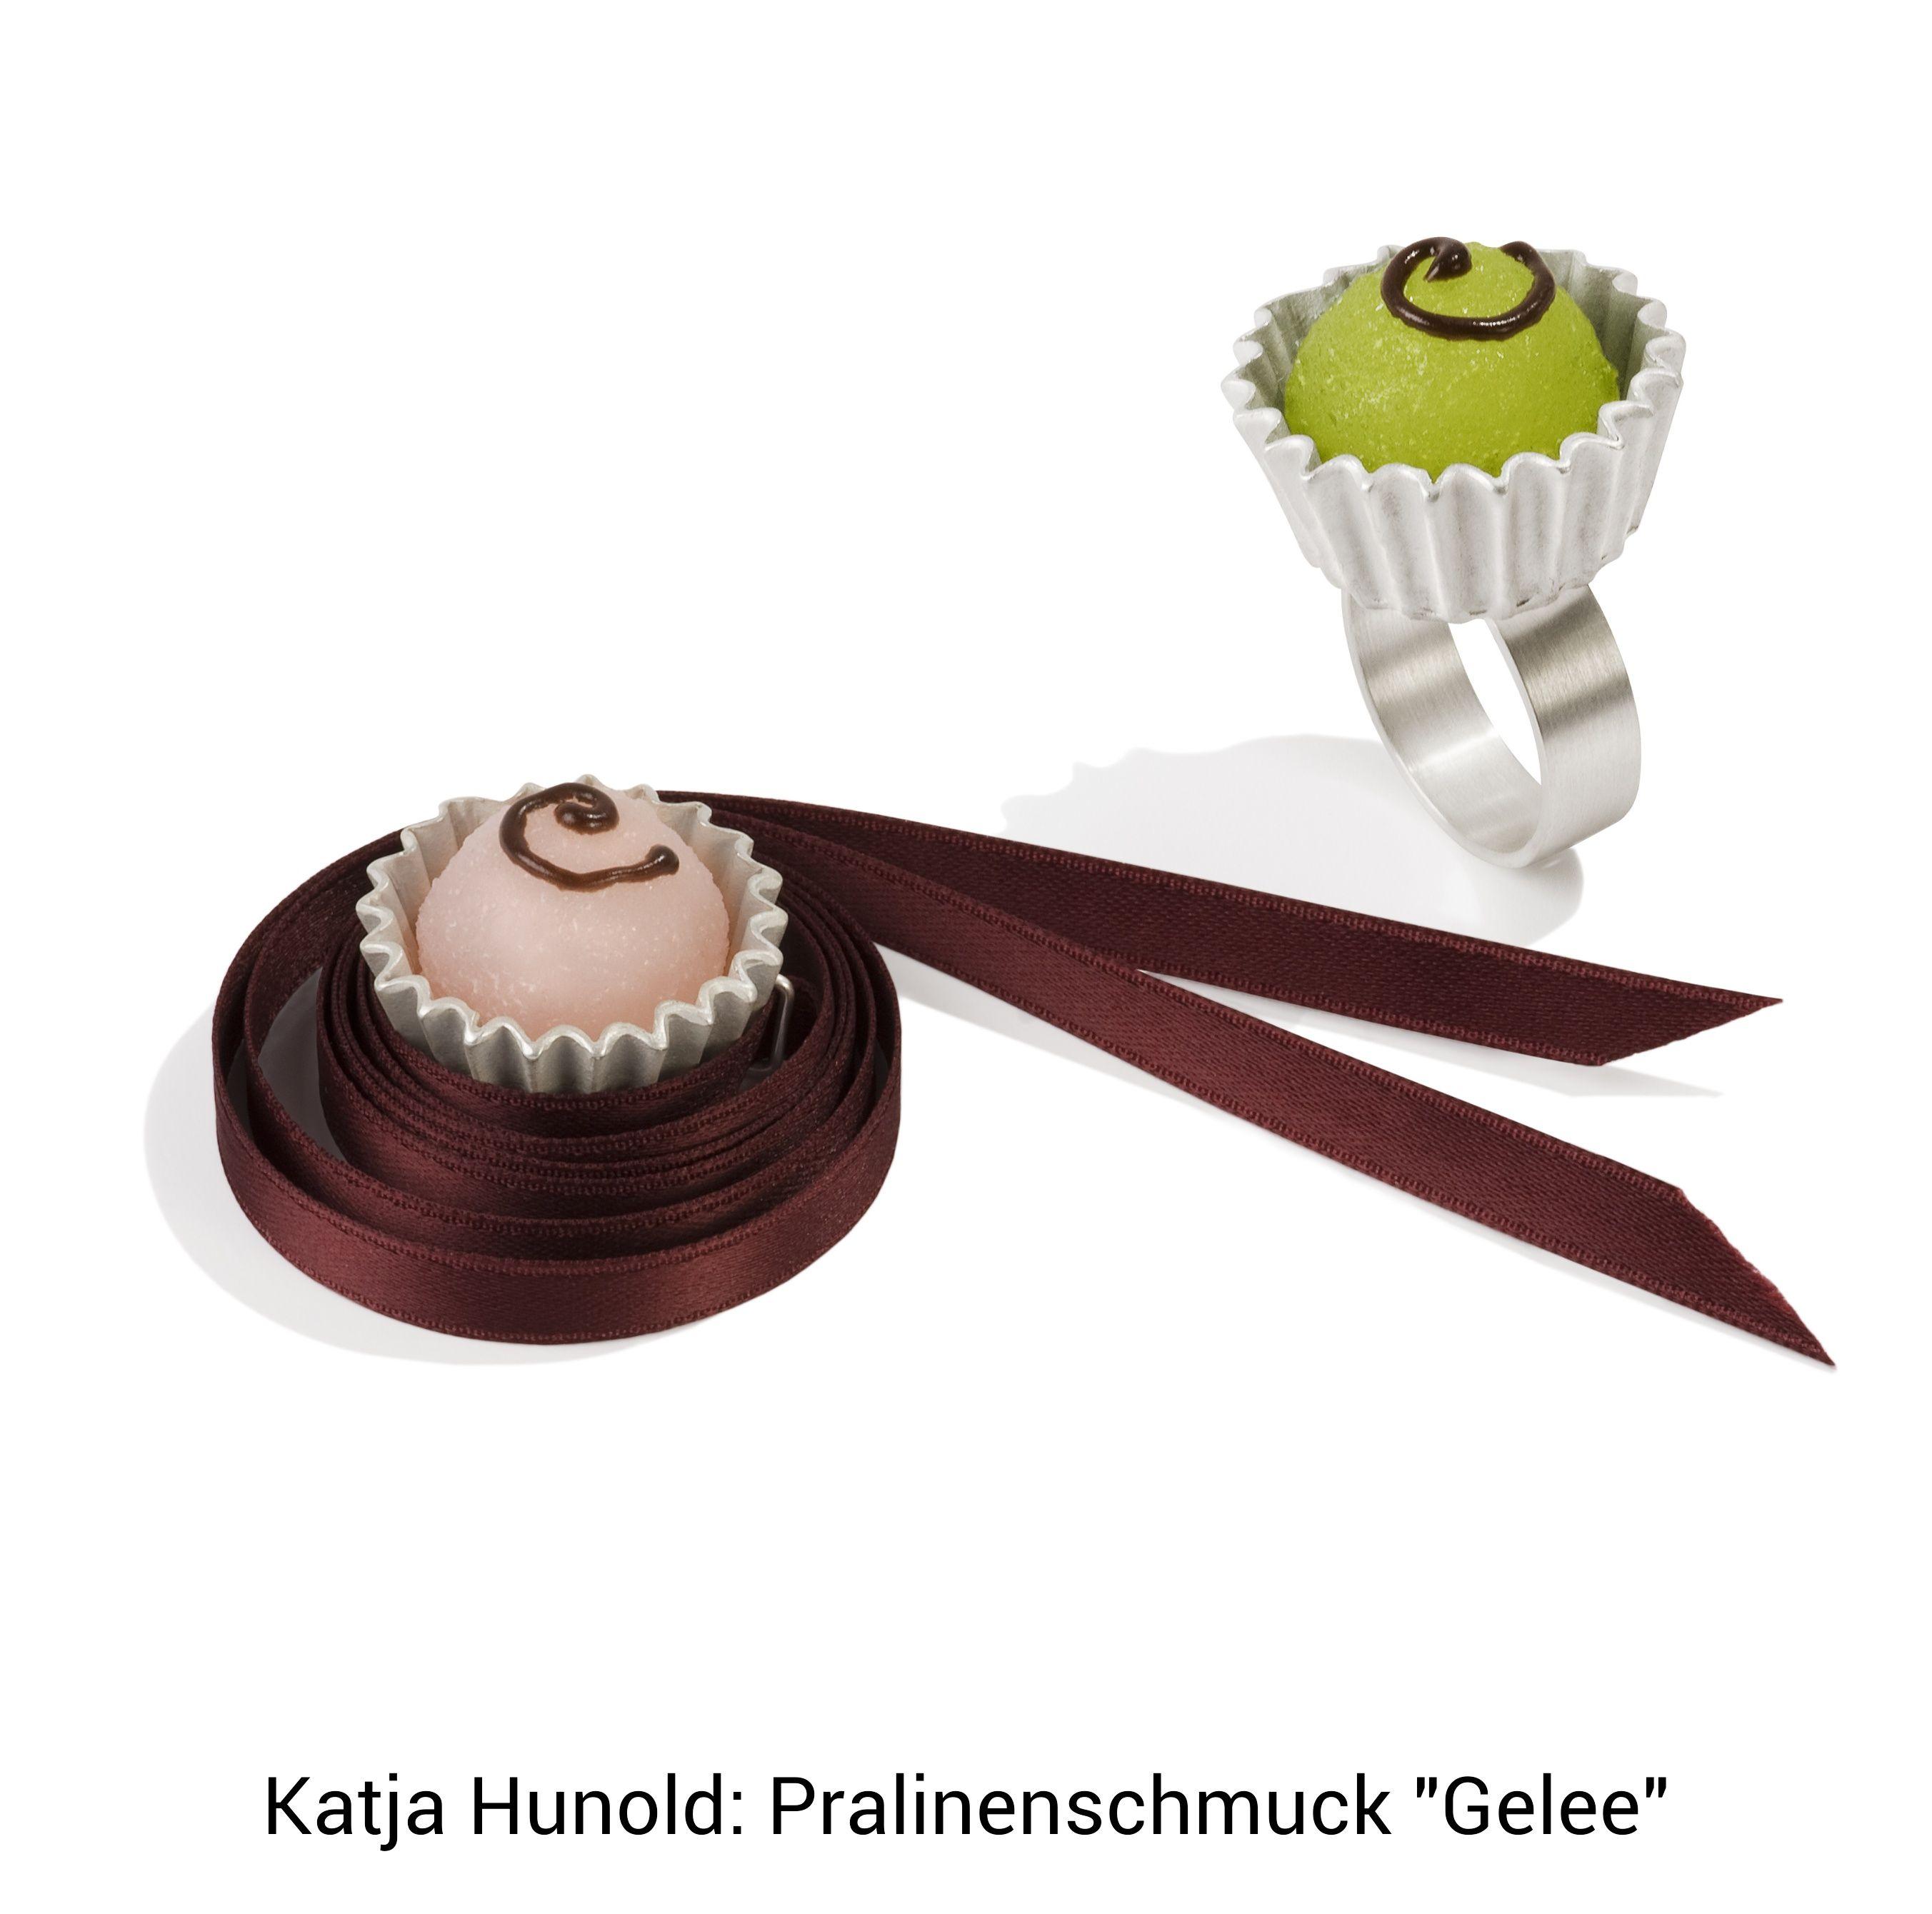 Schmuck hannover  Ungewöhnlicher Schmuck in Pralinenform von Katja Hunold. Demnächst ...